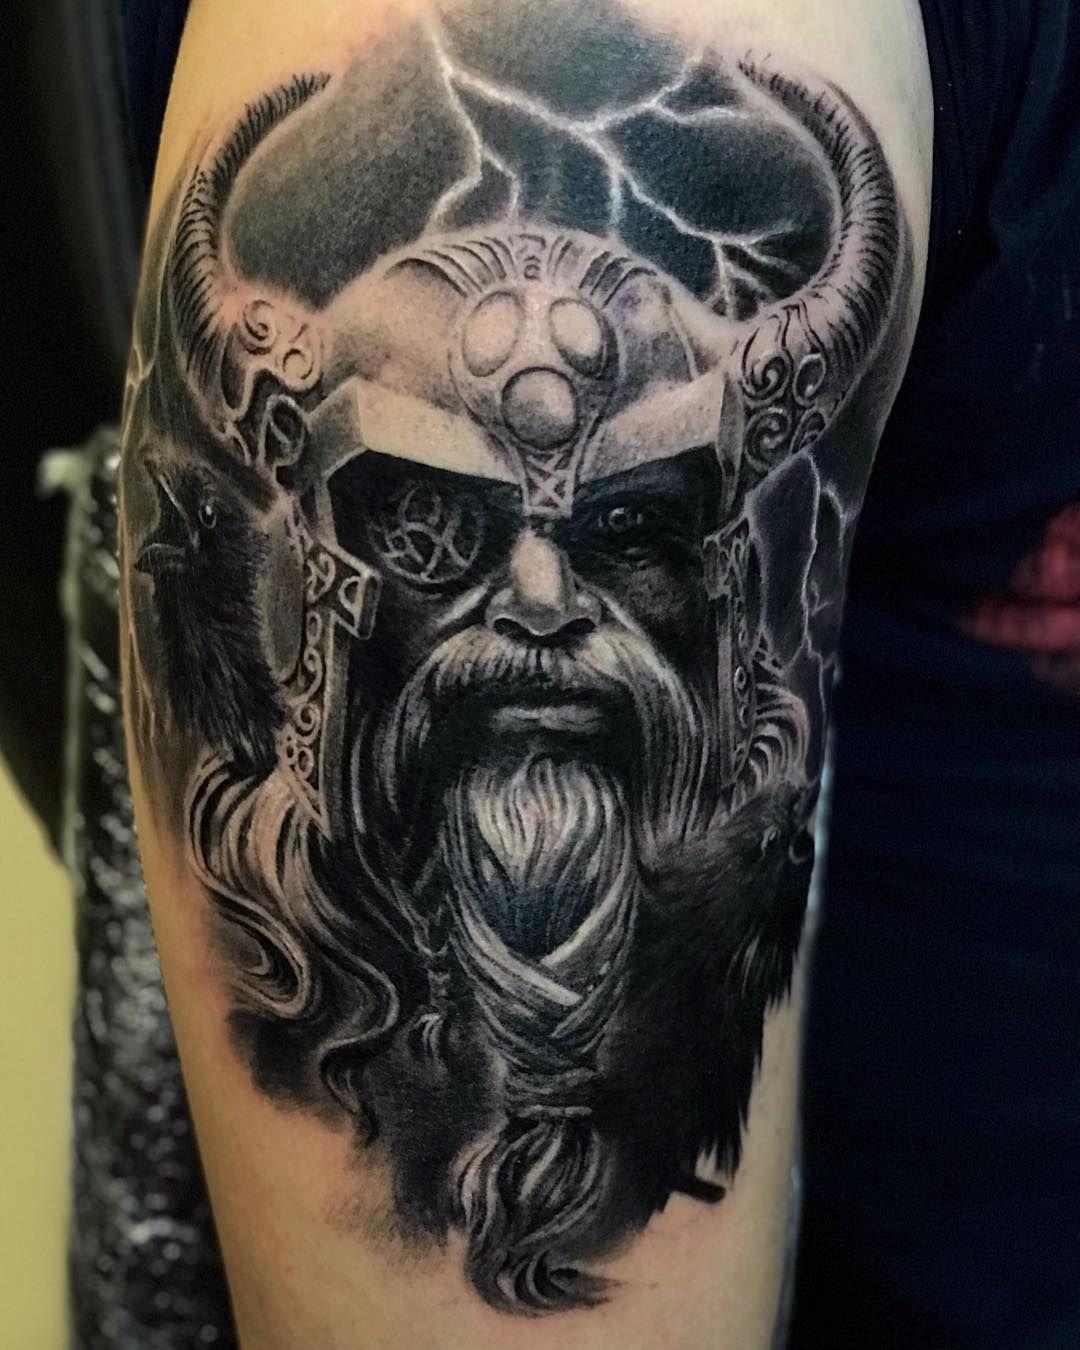 """Aleksandar on Instagram: """"#tattoo #tattoos #tattooed #tattooing #tattooart #tattooartist #tattoolove #tattooloveart #ink #inking #inked #inkedup #blackandgreytattoo…"""""""